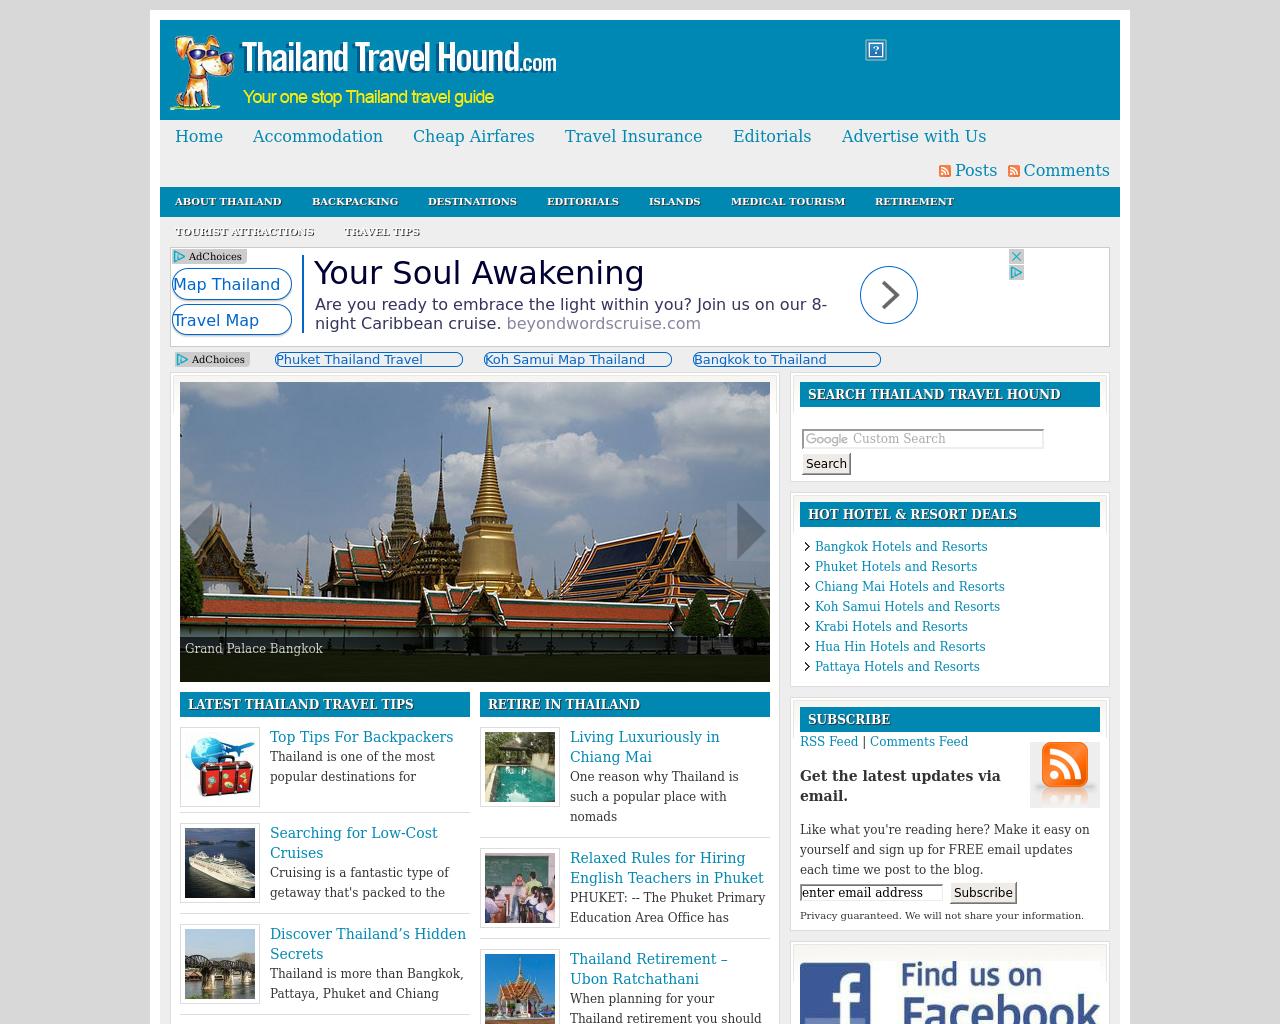 Thailand-Travel-Hound.com-Advertising-Reviews-Pricing